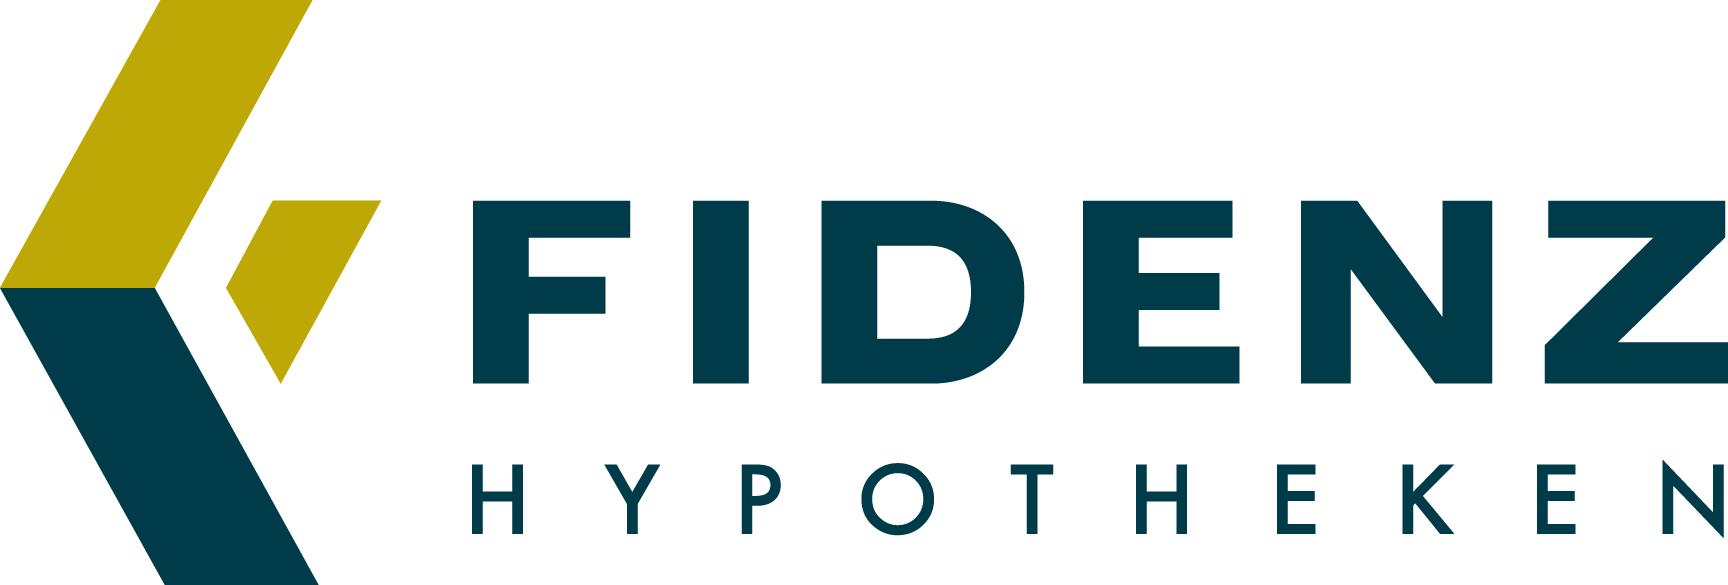 Fidenz